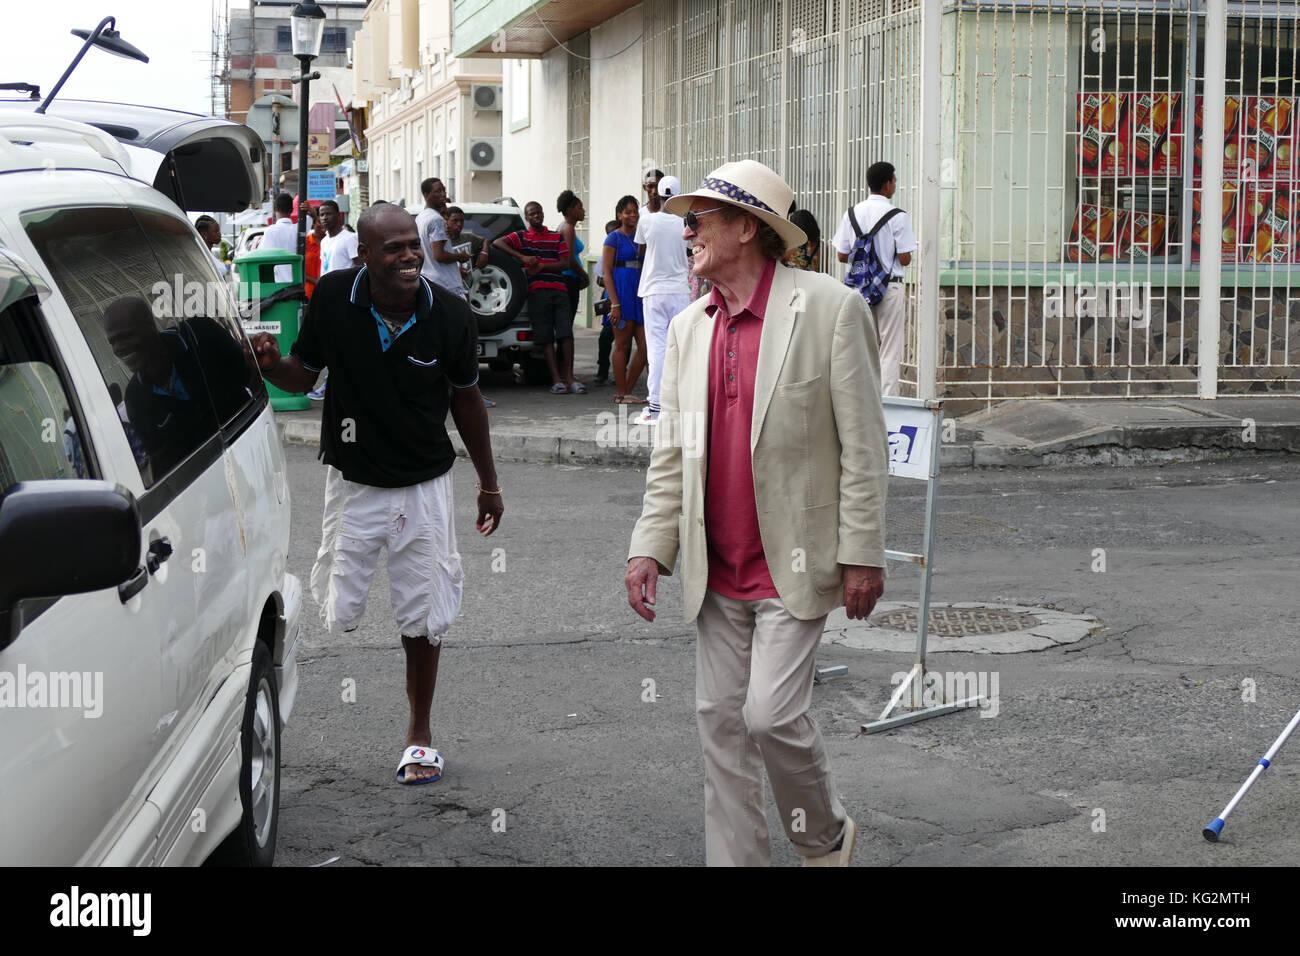 Pattes d'un commerçant du marché dans les Caraïbes Banque D'Images